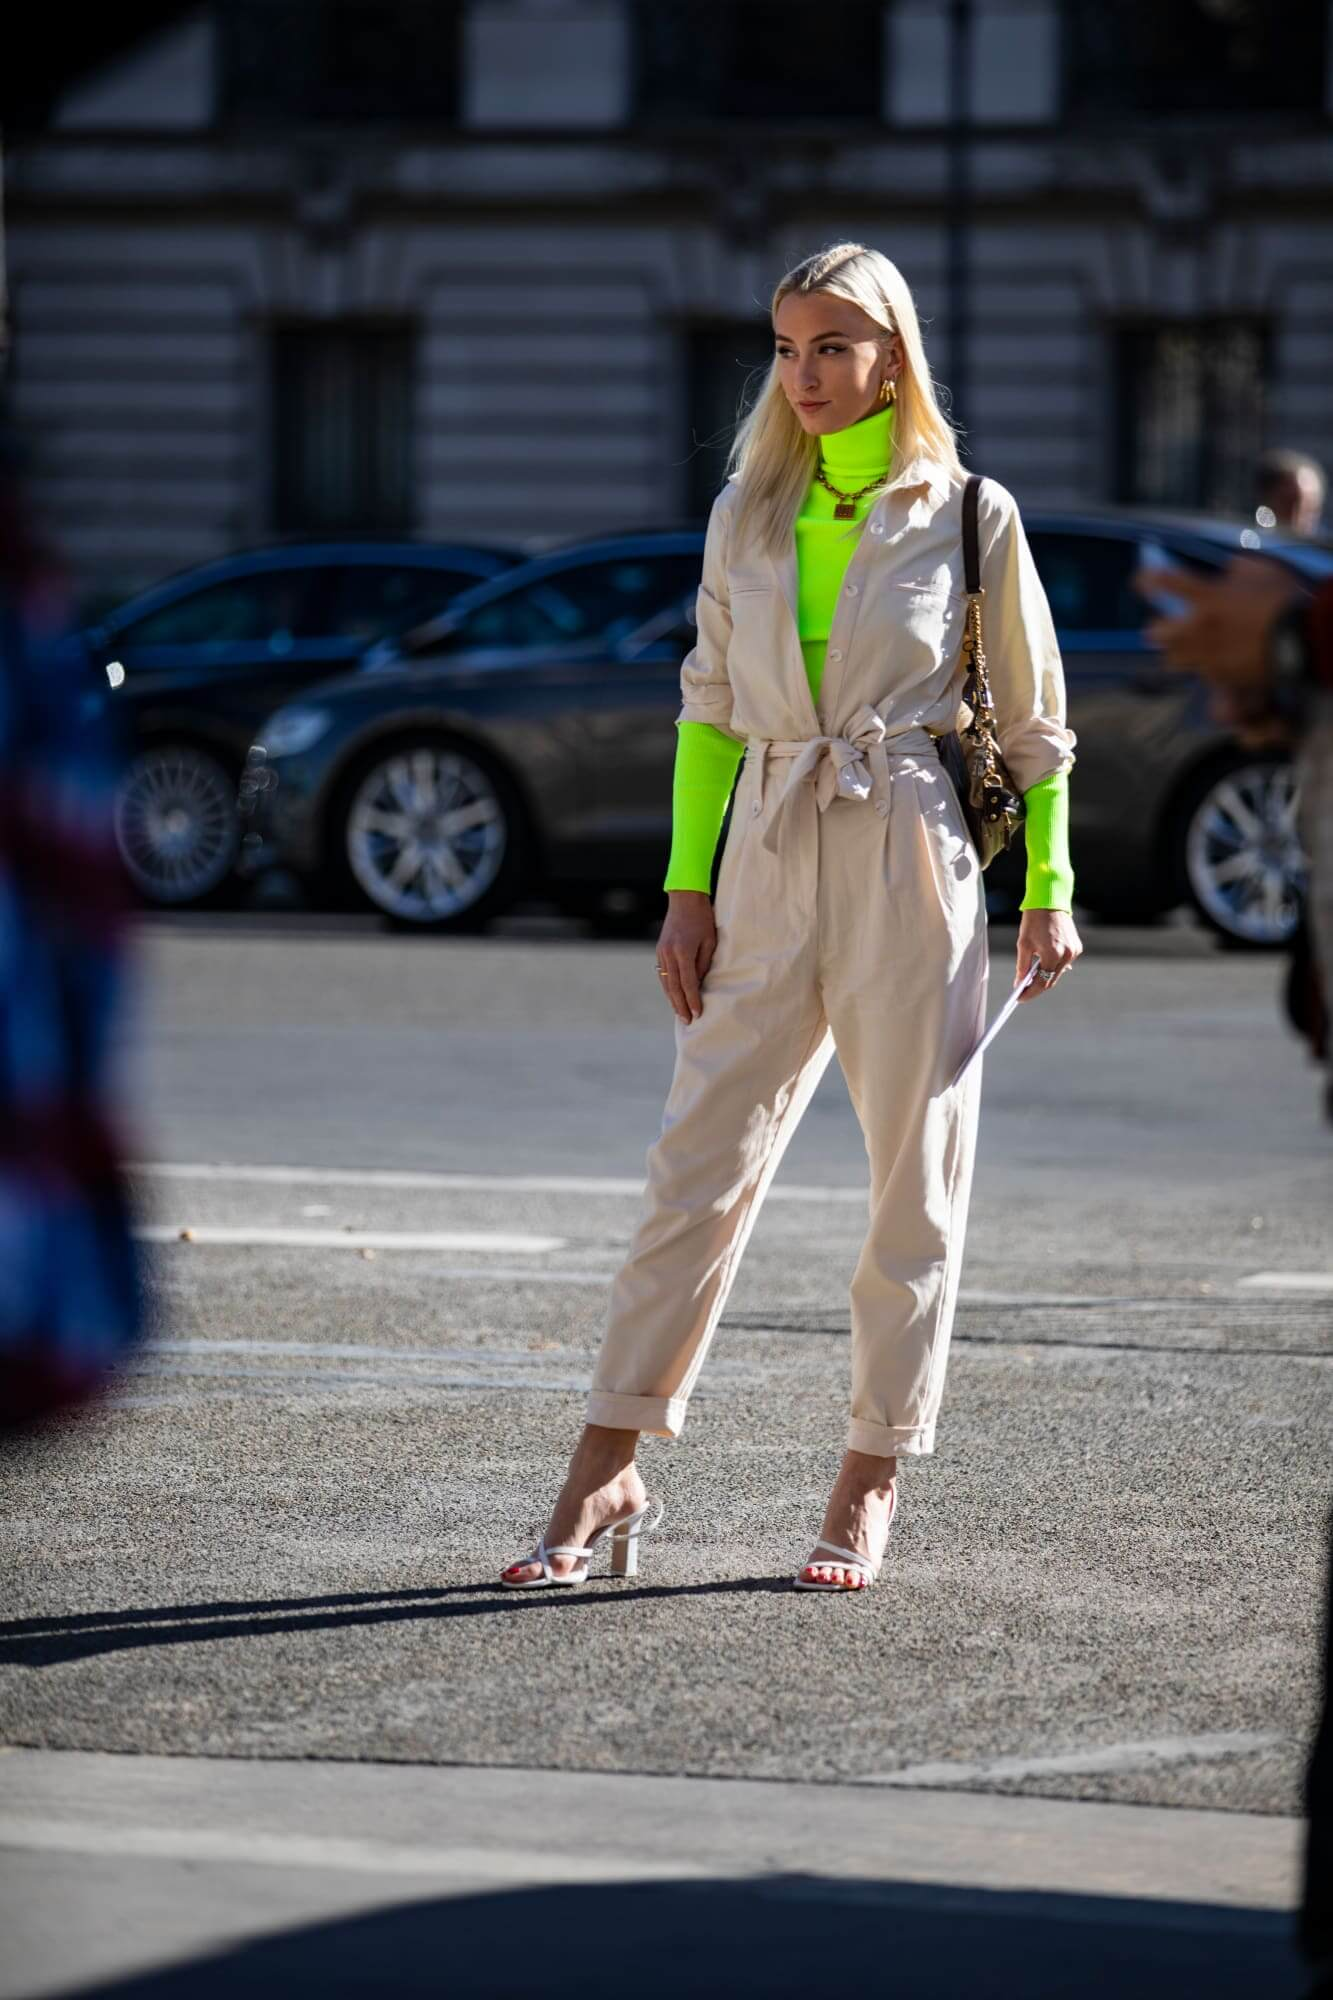 paris-fashion-week-spring-2019-street-style-day-3-13